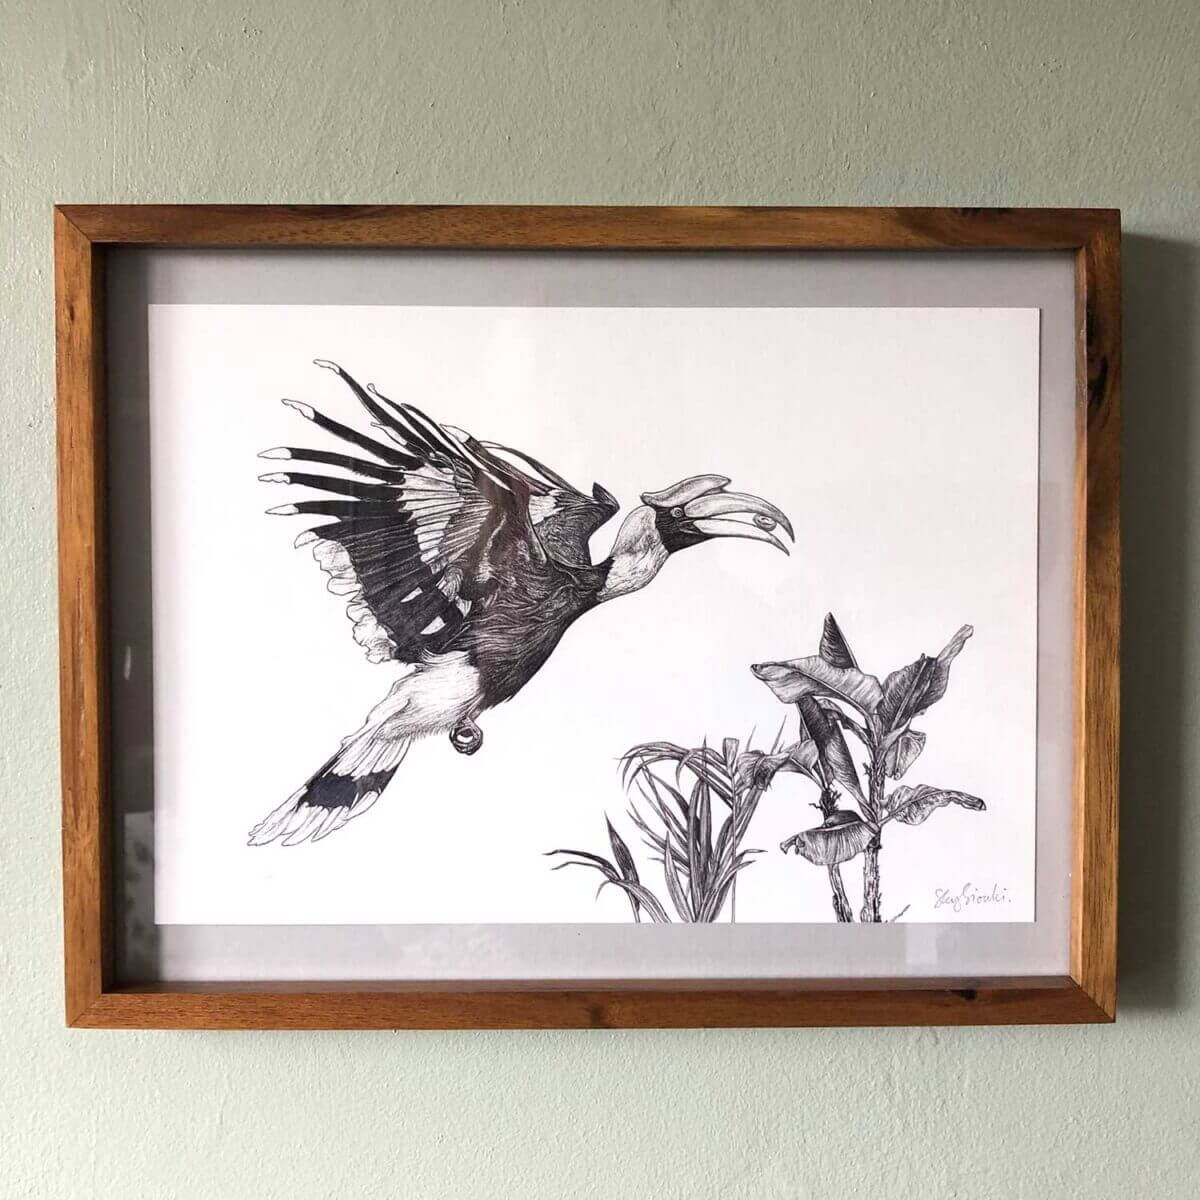 Great-Hornbill-Print-Frame-Sky-Siouki